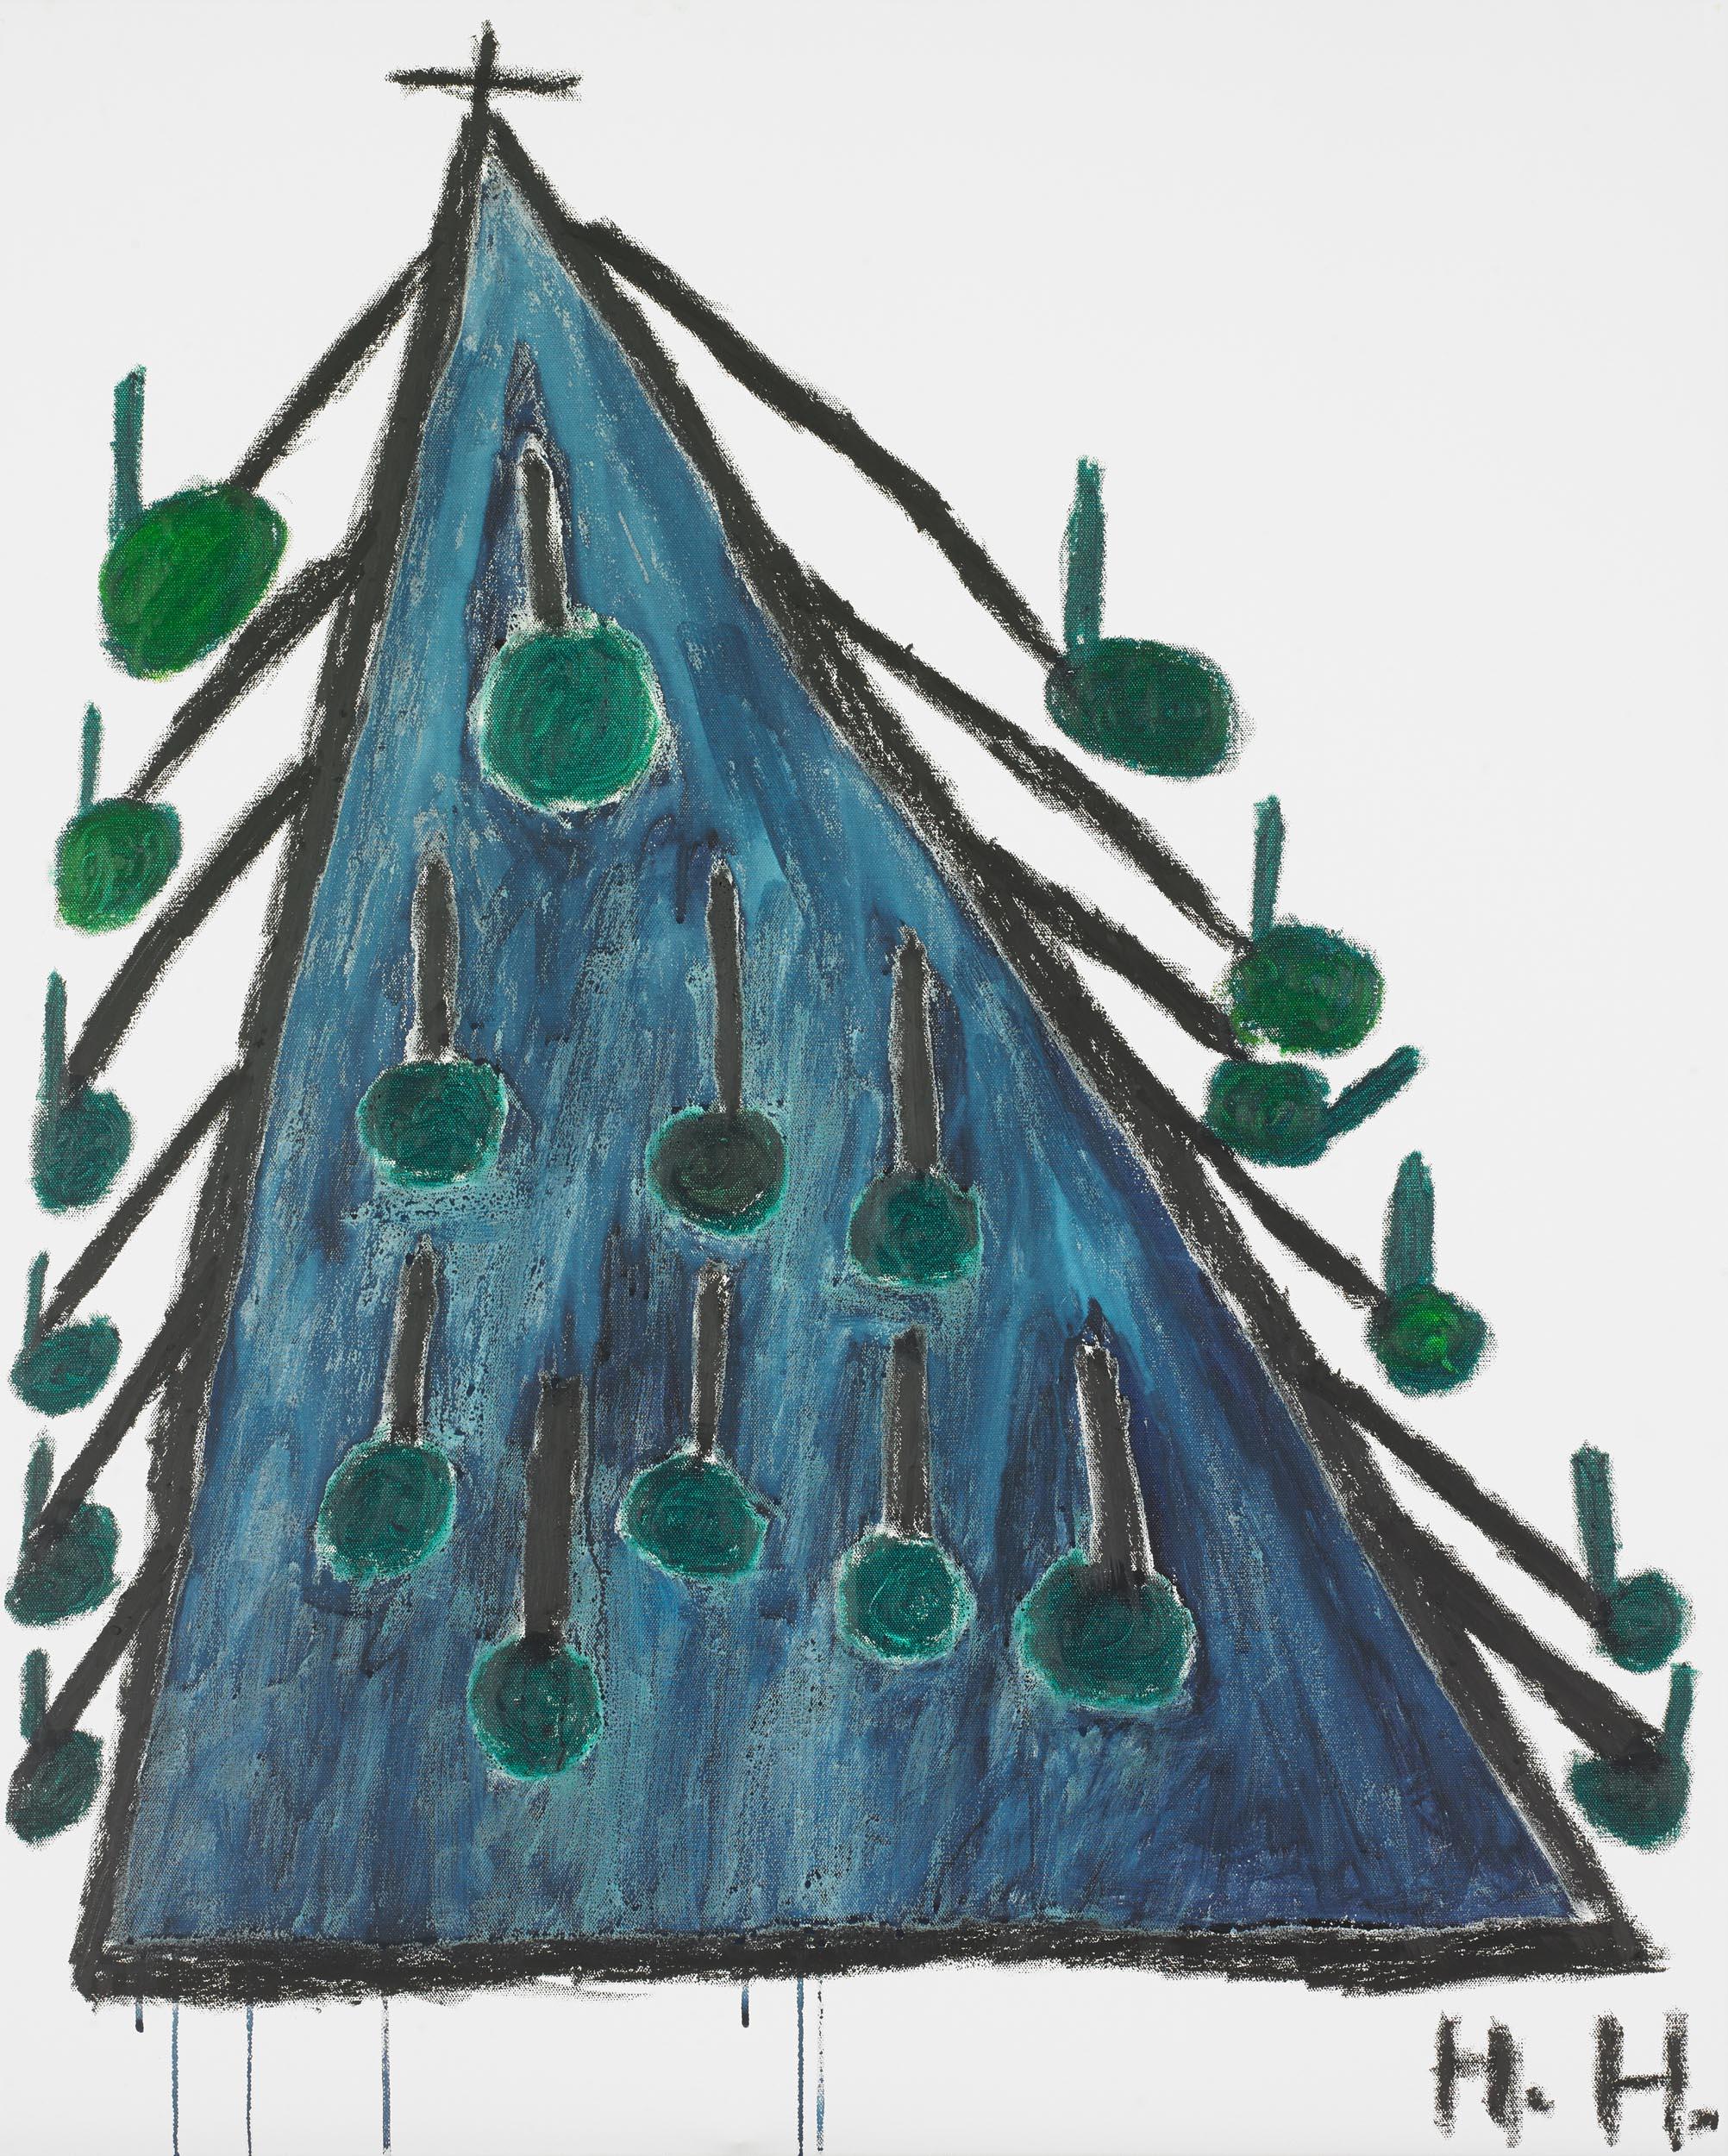 hladisch helmut - Baum / Tree